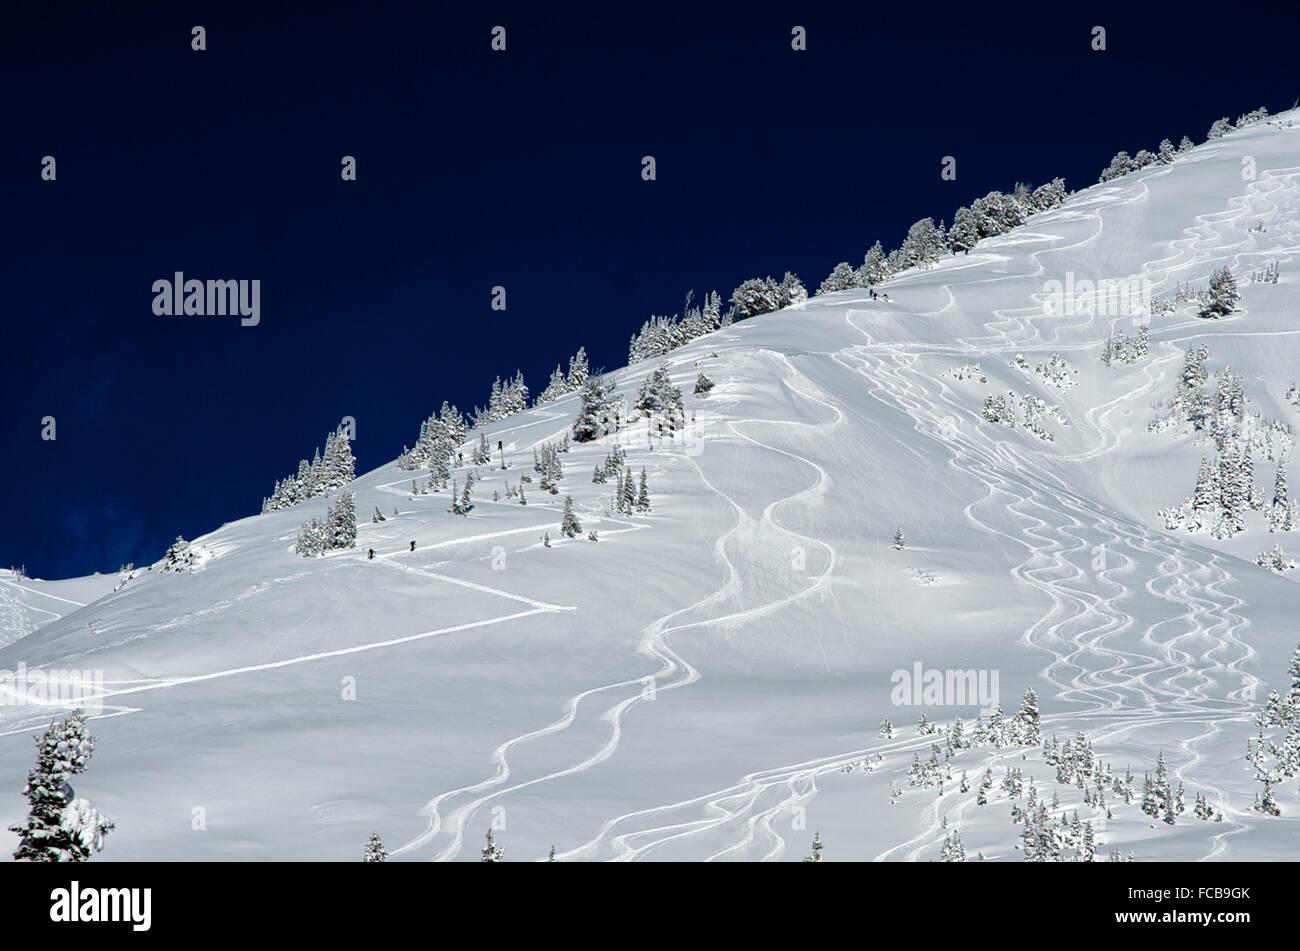 Ski trails in the snow at Park City Ski Resort, Utah Stock Photo